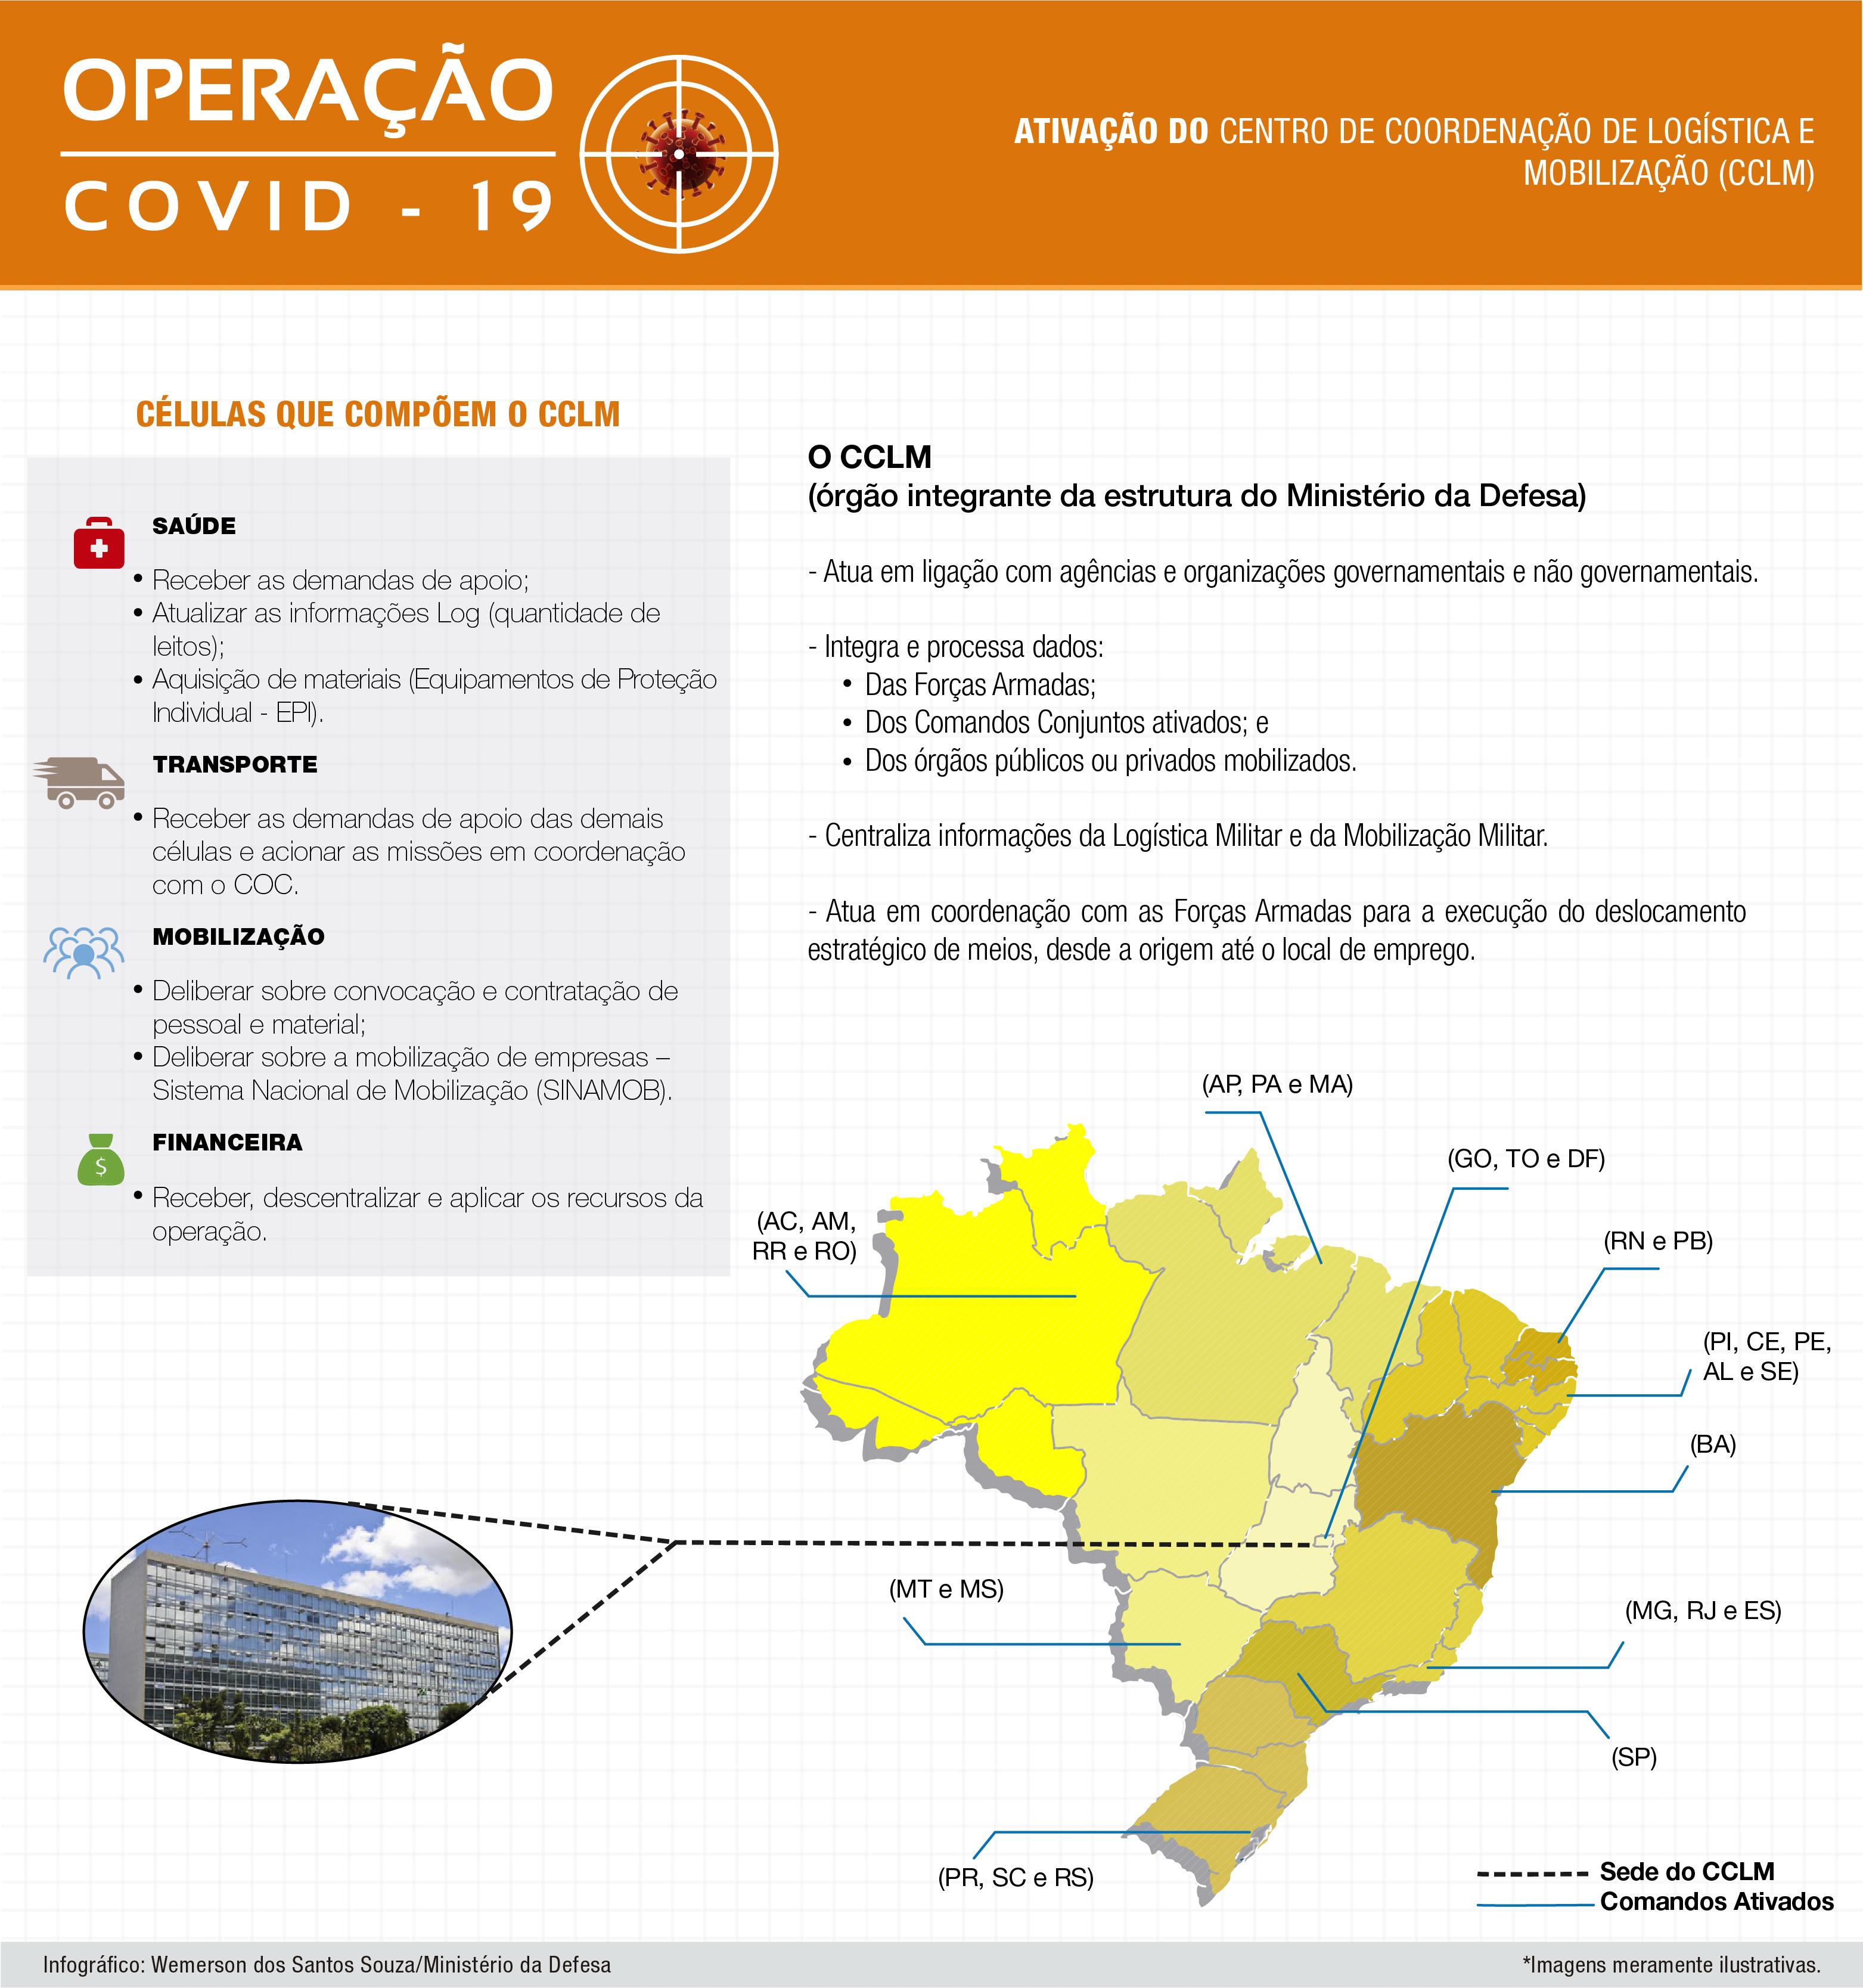 Defesa intensifica atuação de logística militar no combate à COVID-19